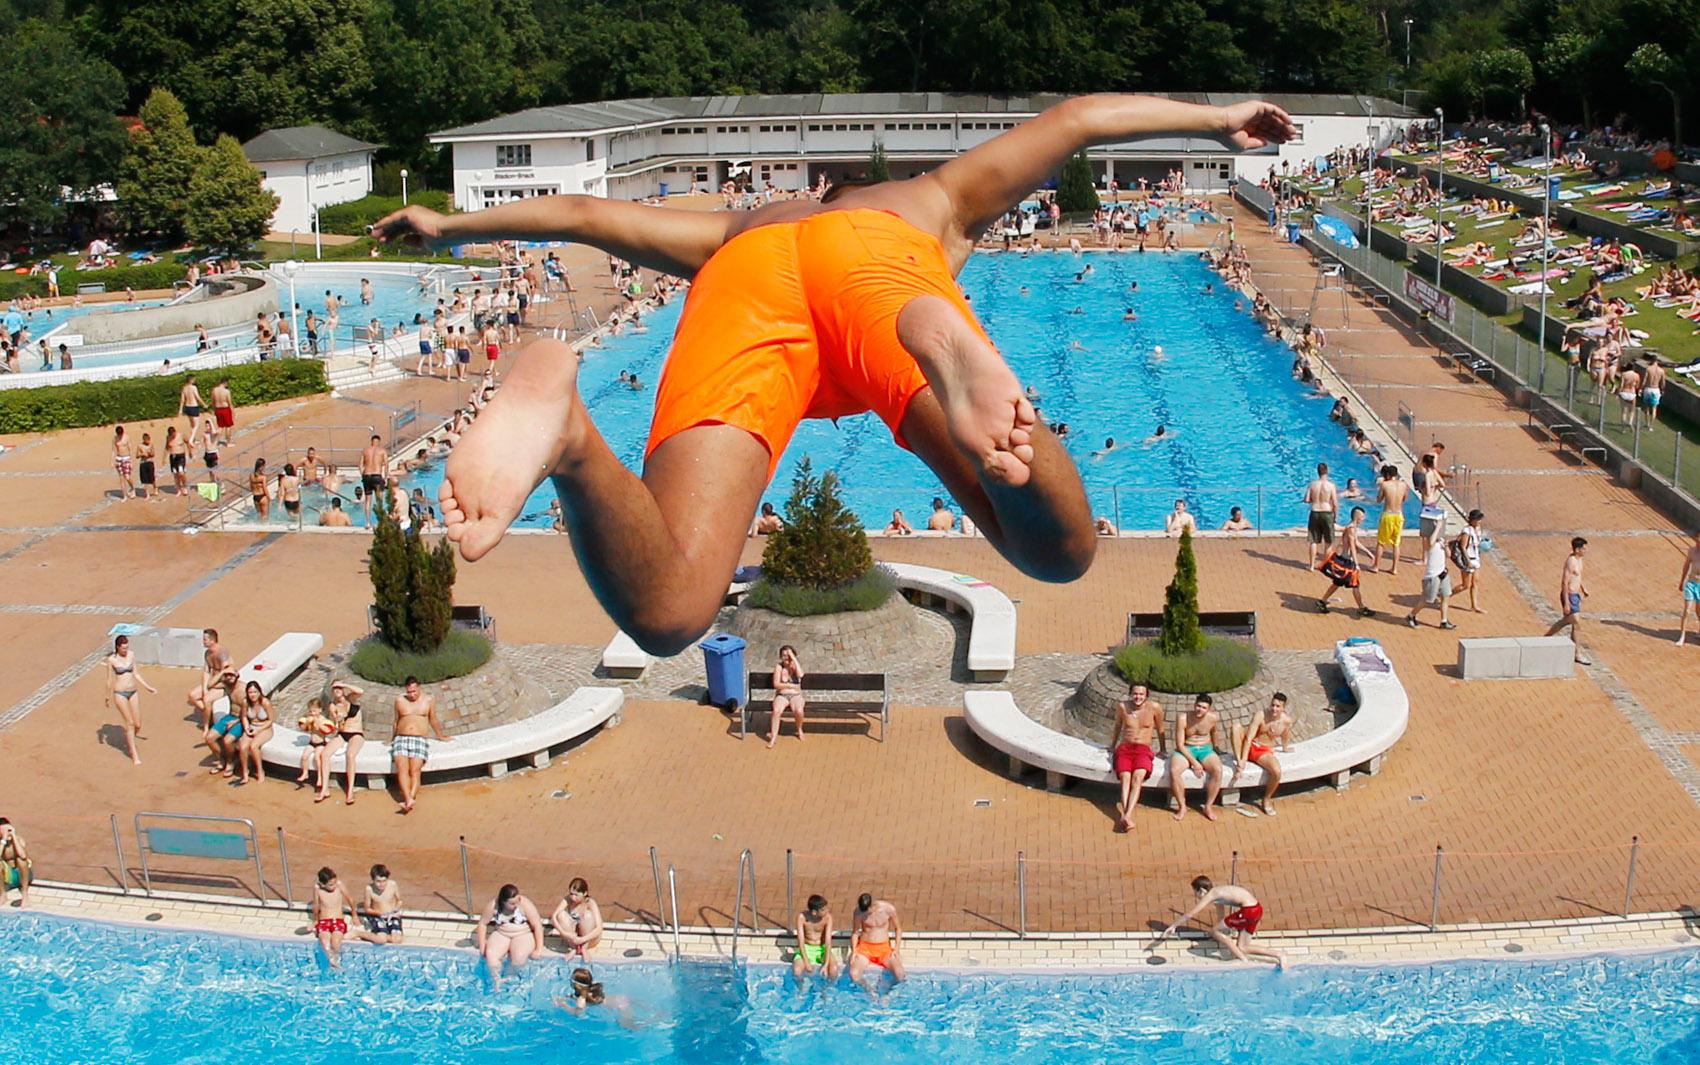 3/7 - Um garoto salta de uma plataforma de 7,5 metros em uma piscina em Frankfurt, na Alemanha. A onda de calor em toda a Alemanha atingirá o pico no sábado (4), com temperaturas em torno de 40ºC